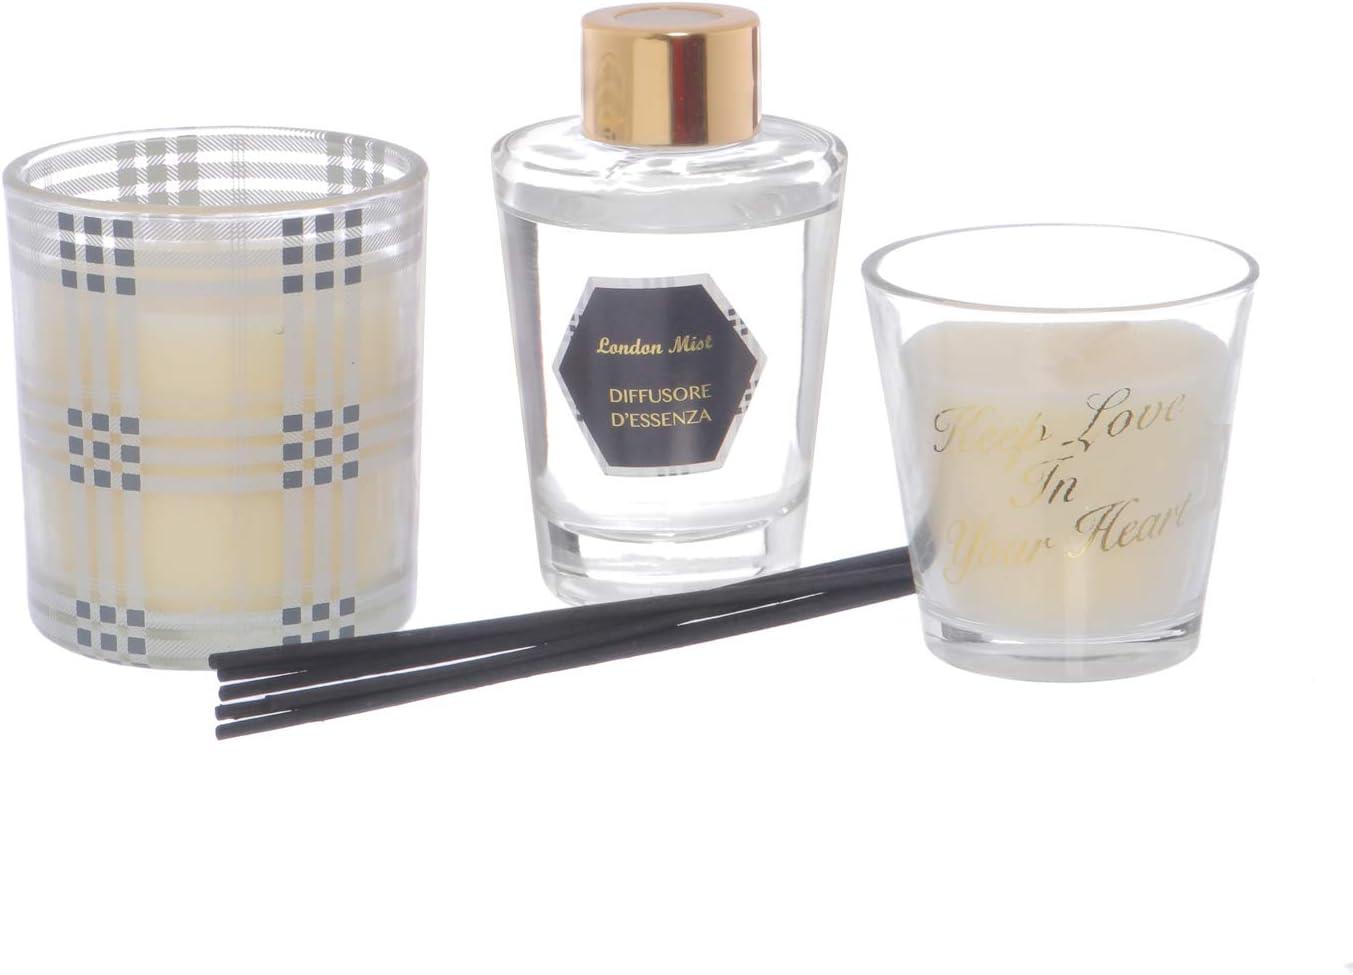 Diffusore d essenza con 2 candele Trasparente: Amazon.it